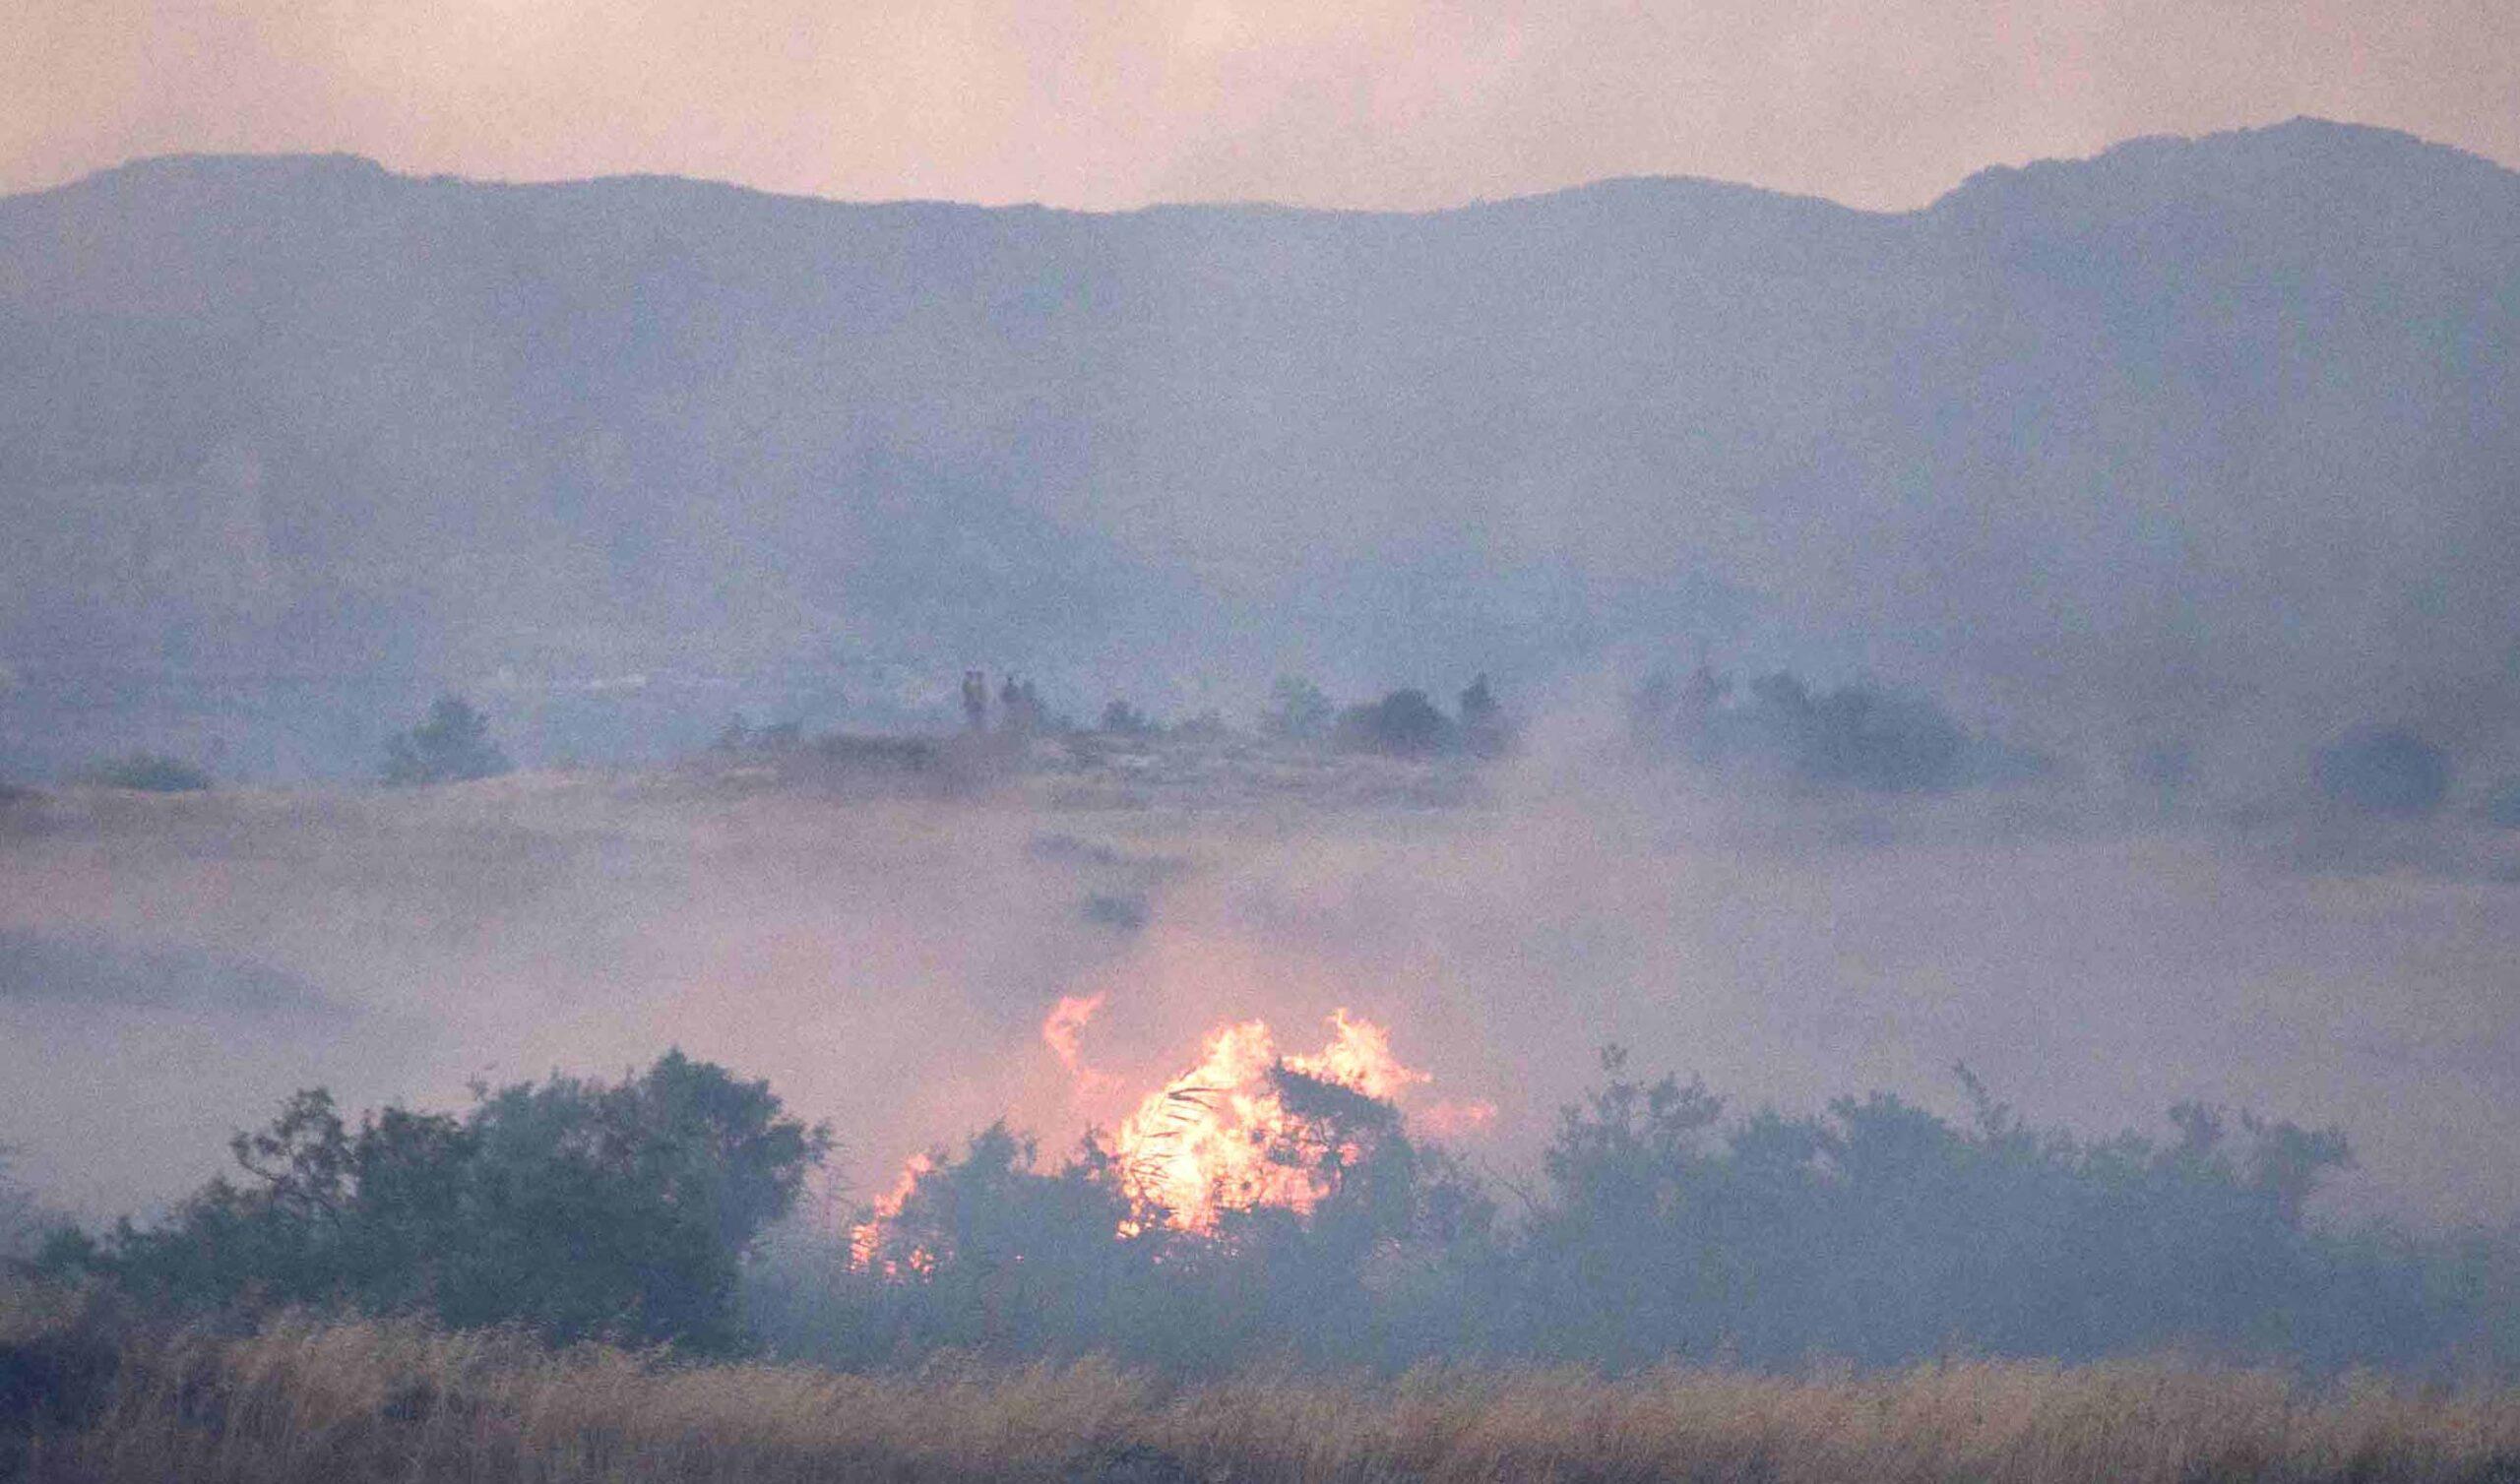 48 Δασικές πυρκαγιές το τελευταίο 24ωρο σε όλη την χώρα